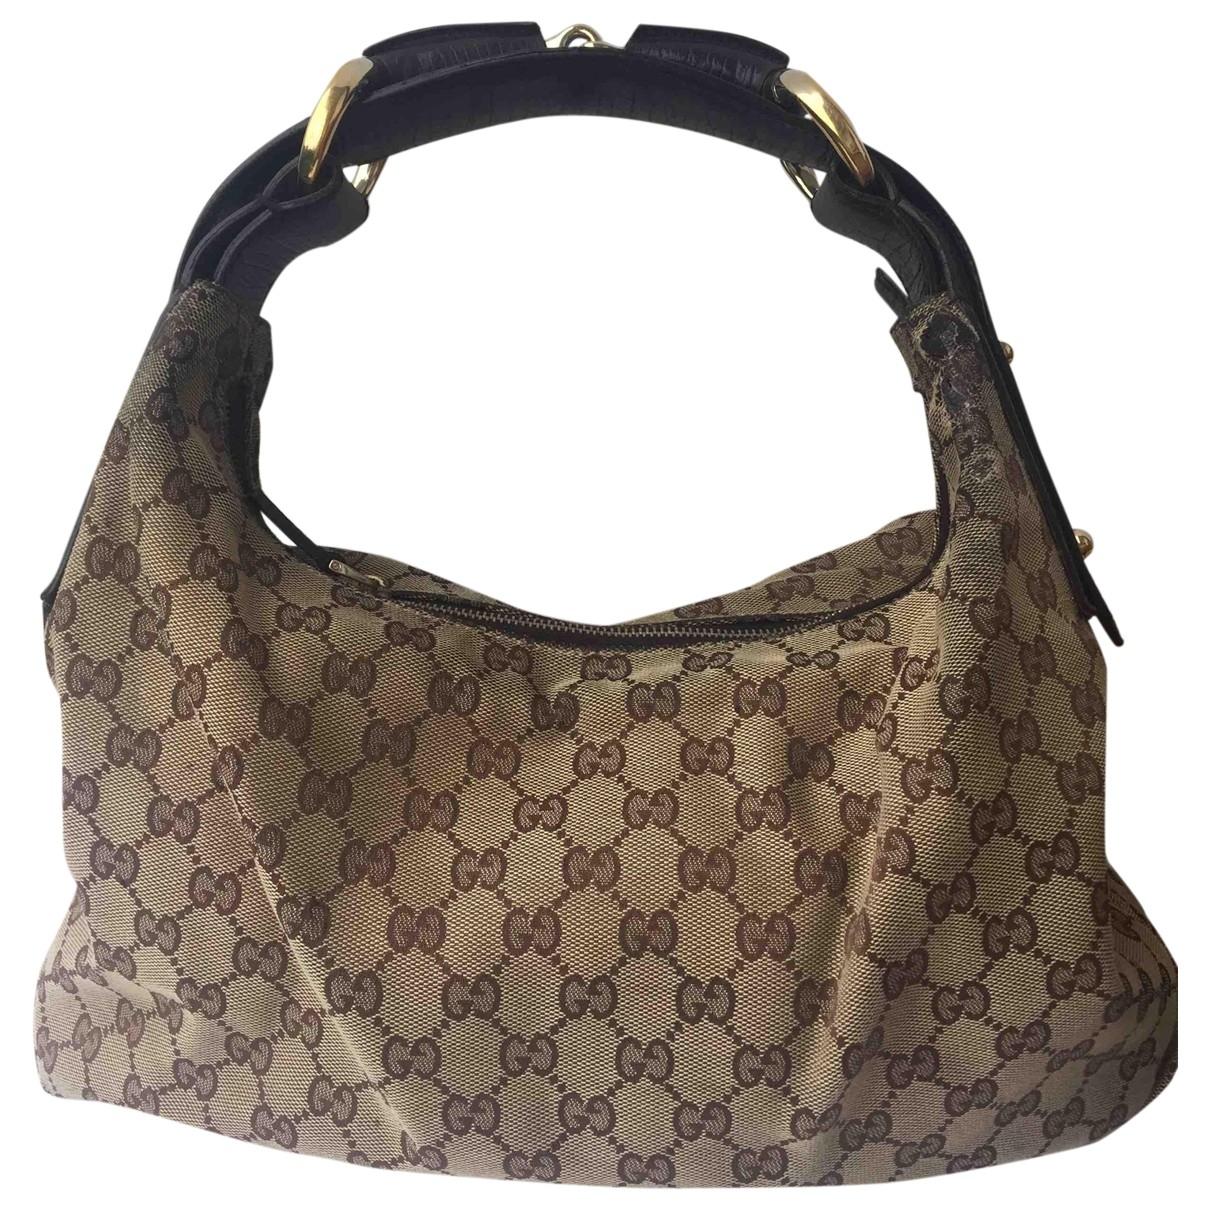 Gucci - Sac a main Hobo pour femme en toile - beige